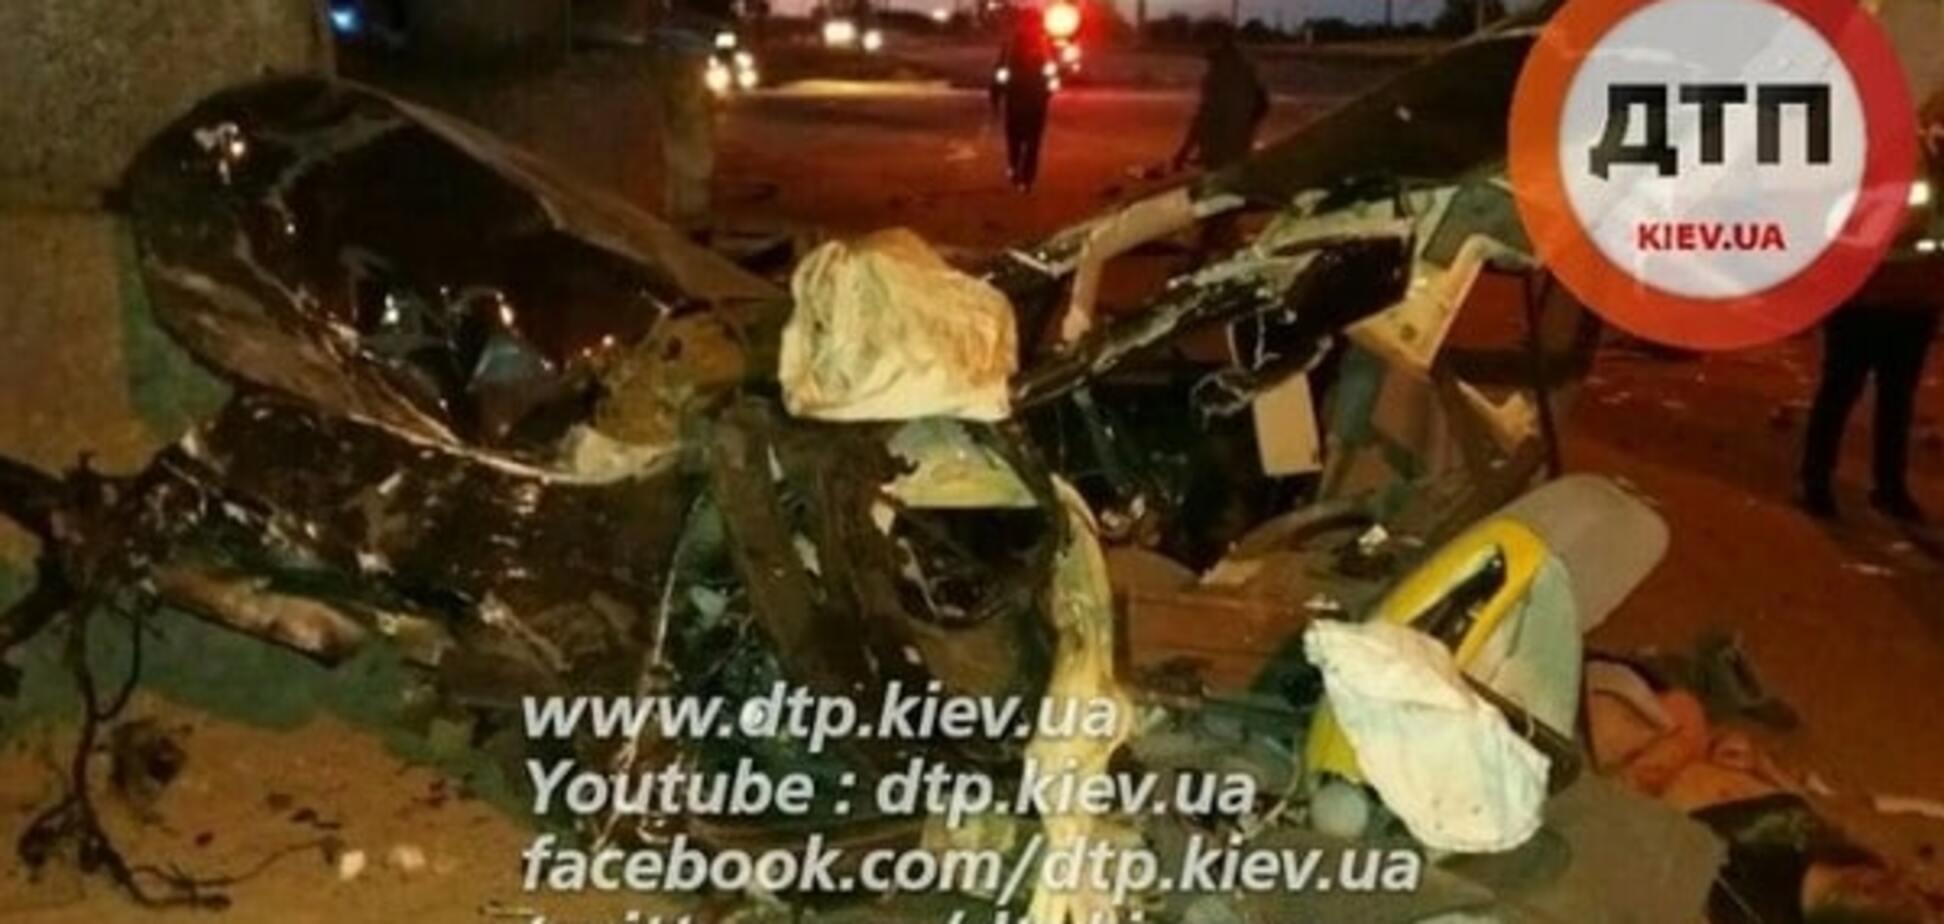 Загибель автогонщиків у Києві: ймовірні причини аварії